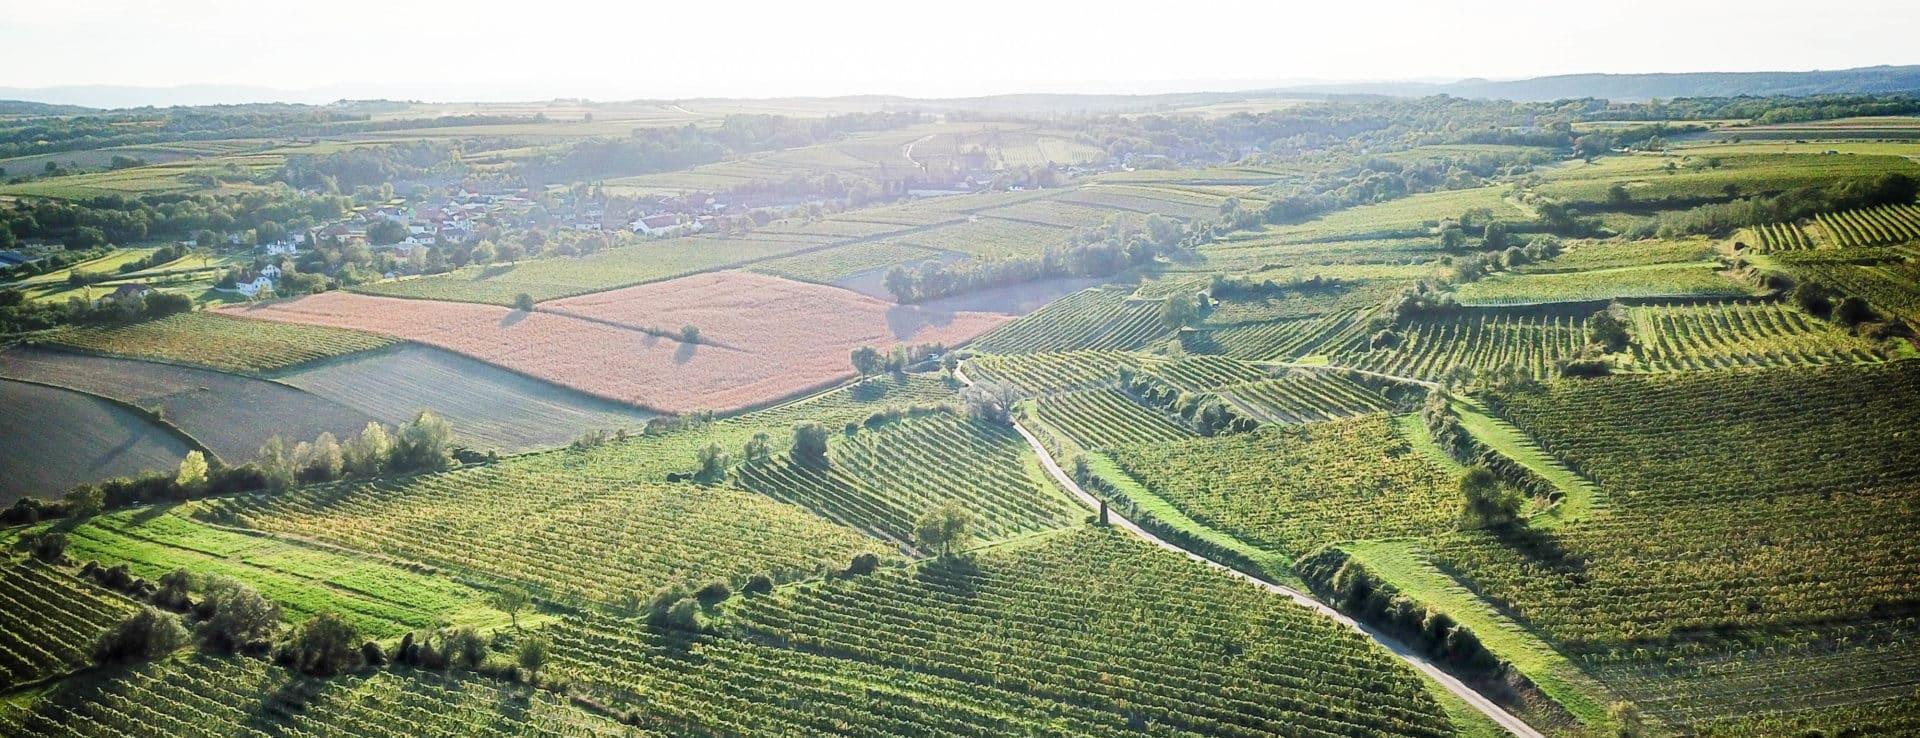 Landschaftsaufnahme Weingärten im Sonnenlicht